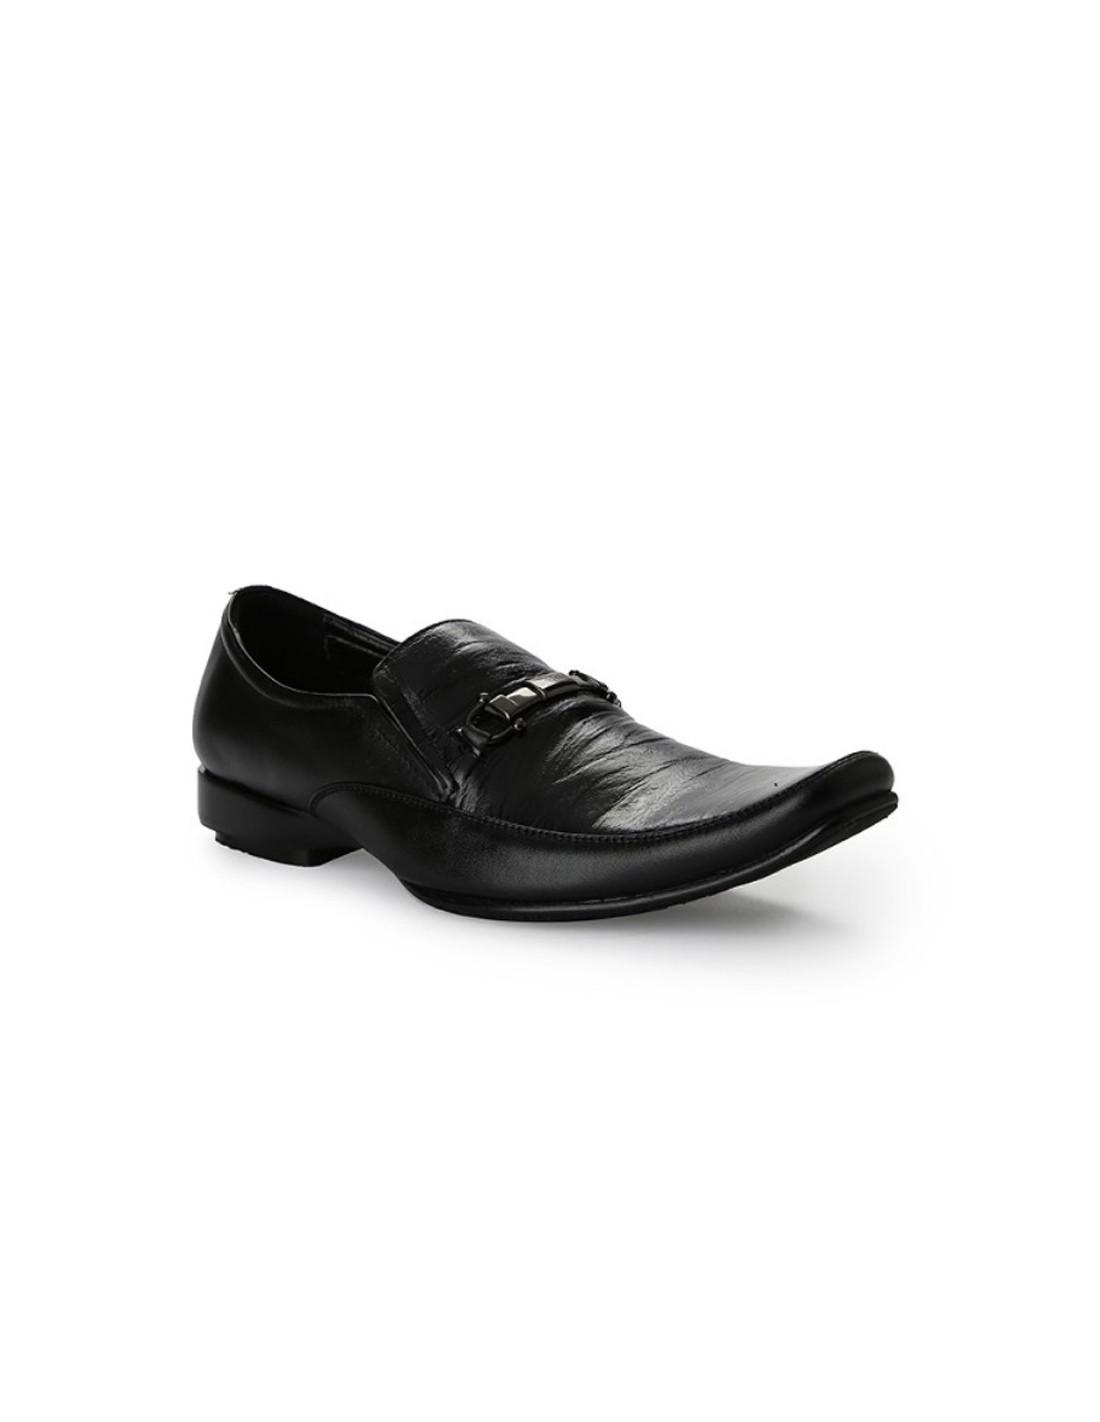 marelli sepatu formal pria LV 077   Sepatu Formal   Sepatu Pria   Marelli Shoes